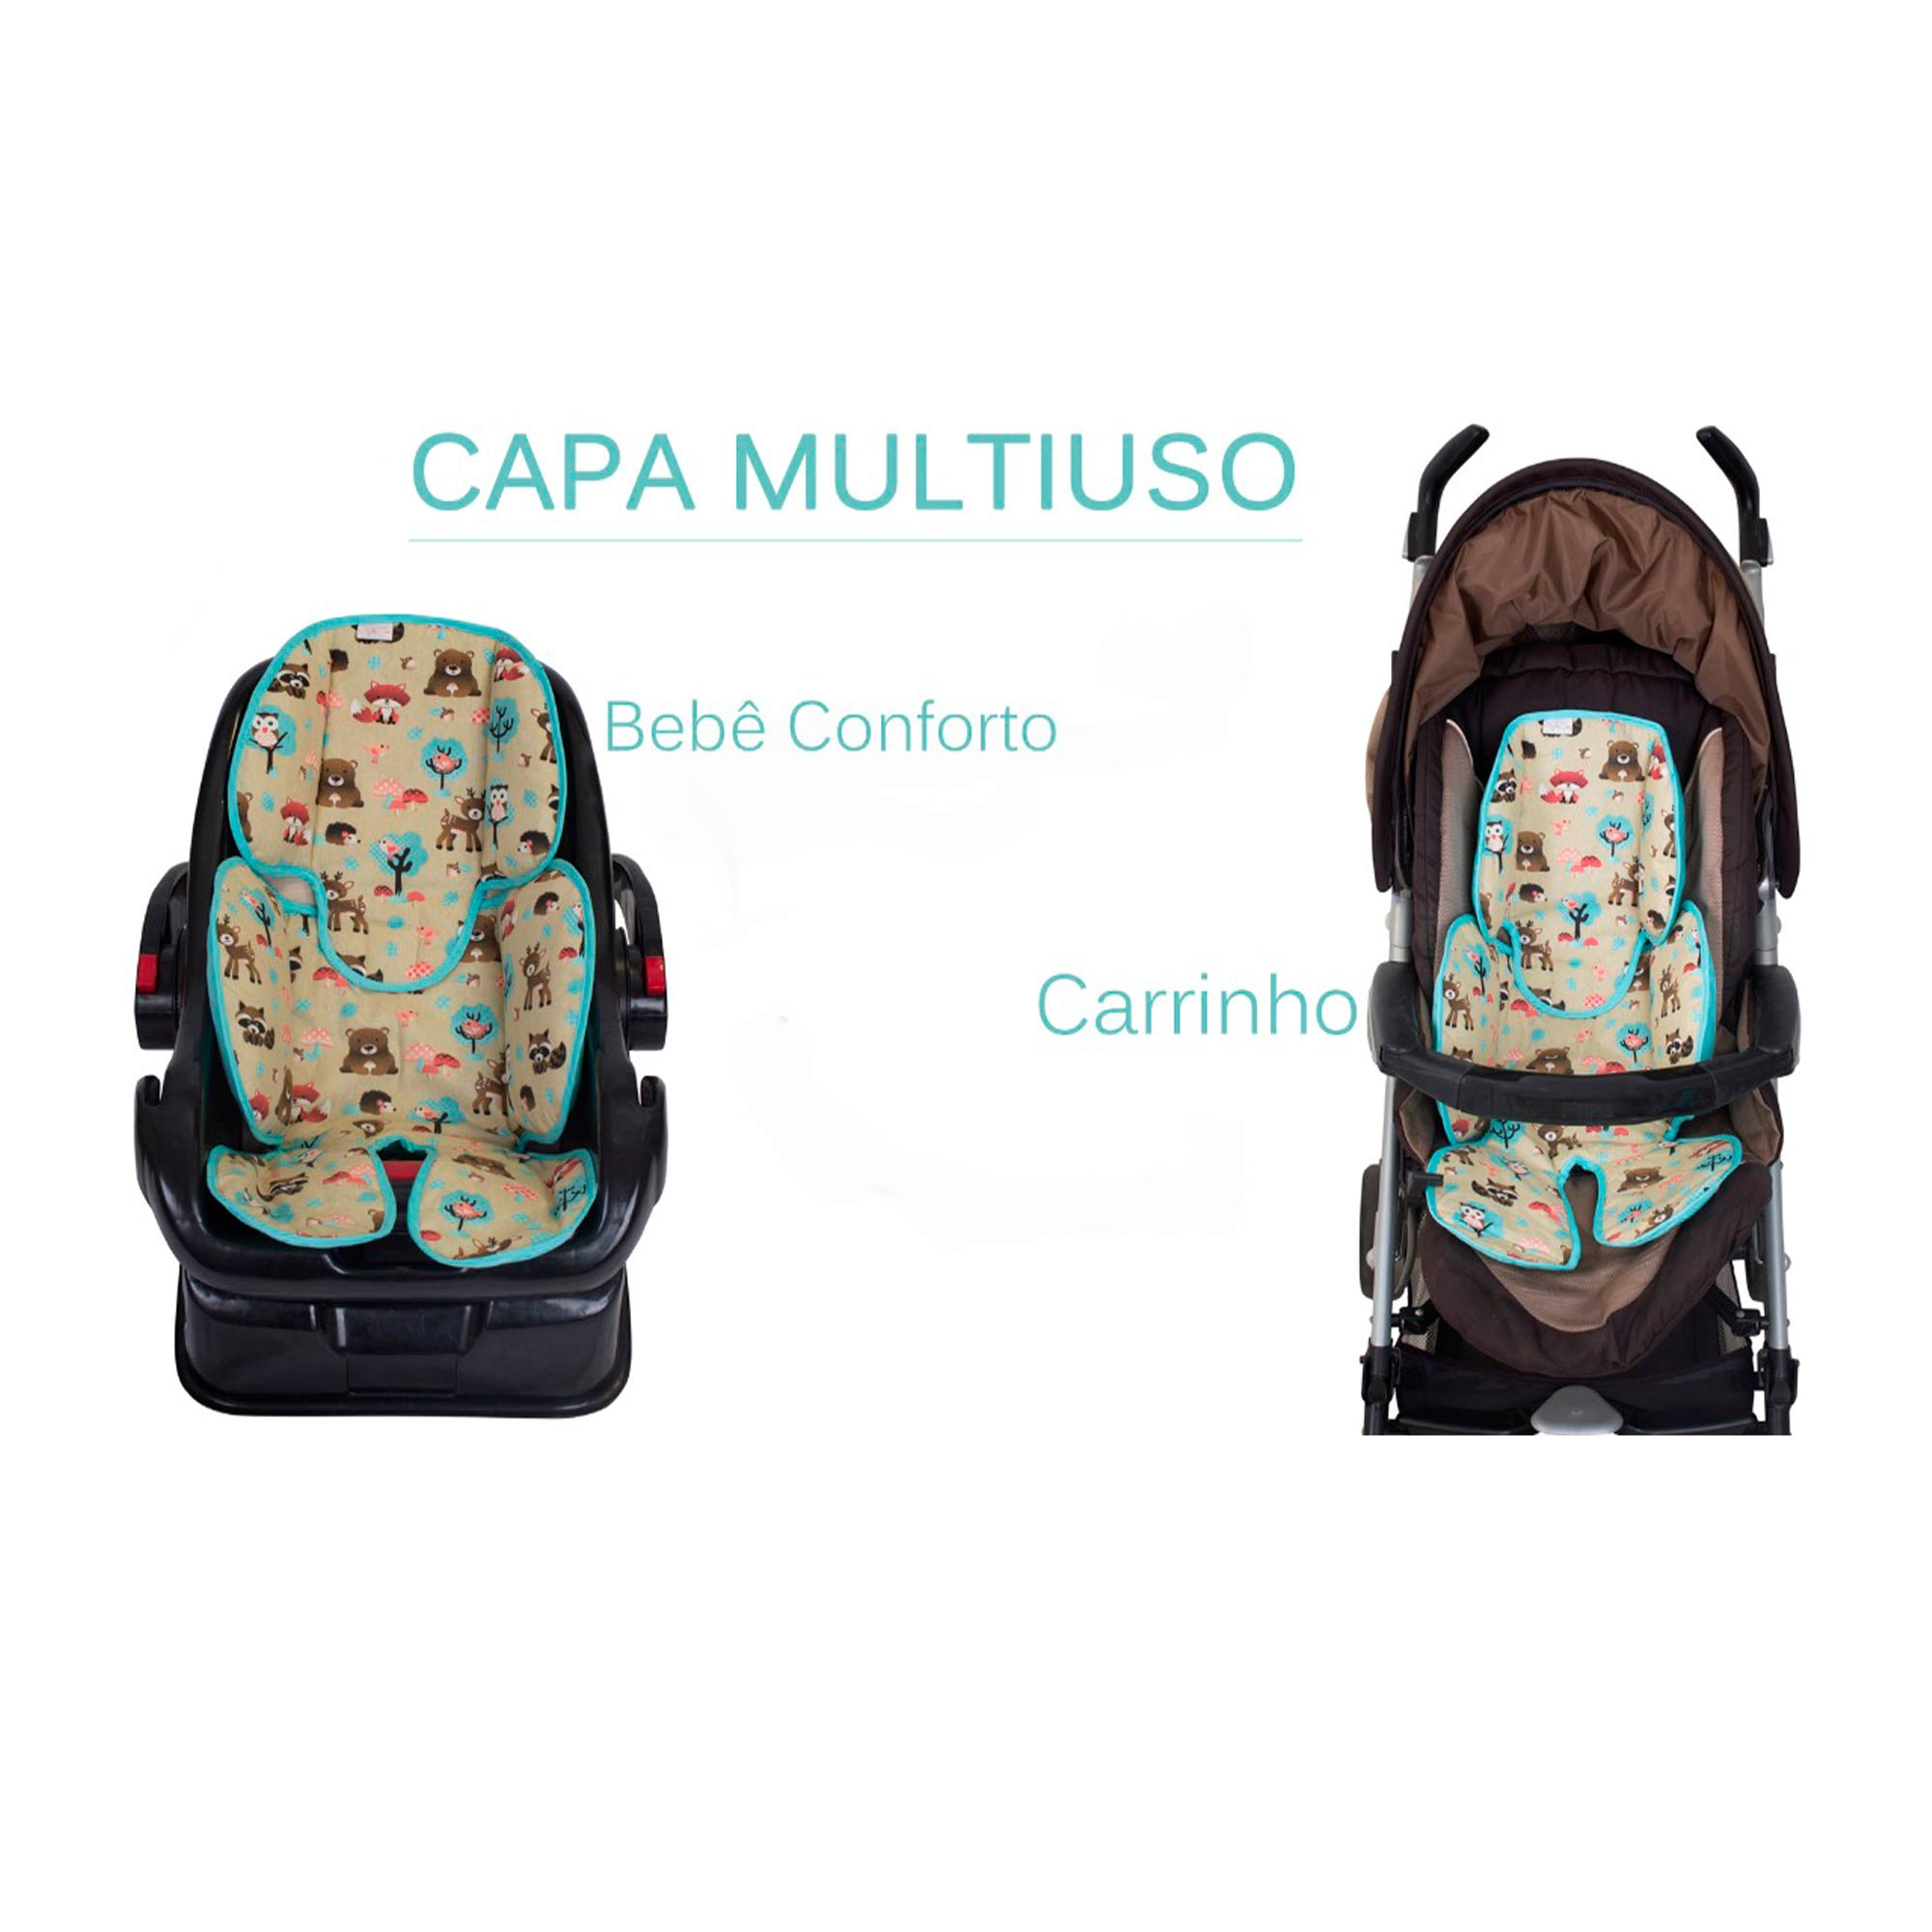 Redutor de Bebê Conforto e Carrinho Losango Rosê  - Toca do Bebê